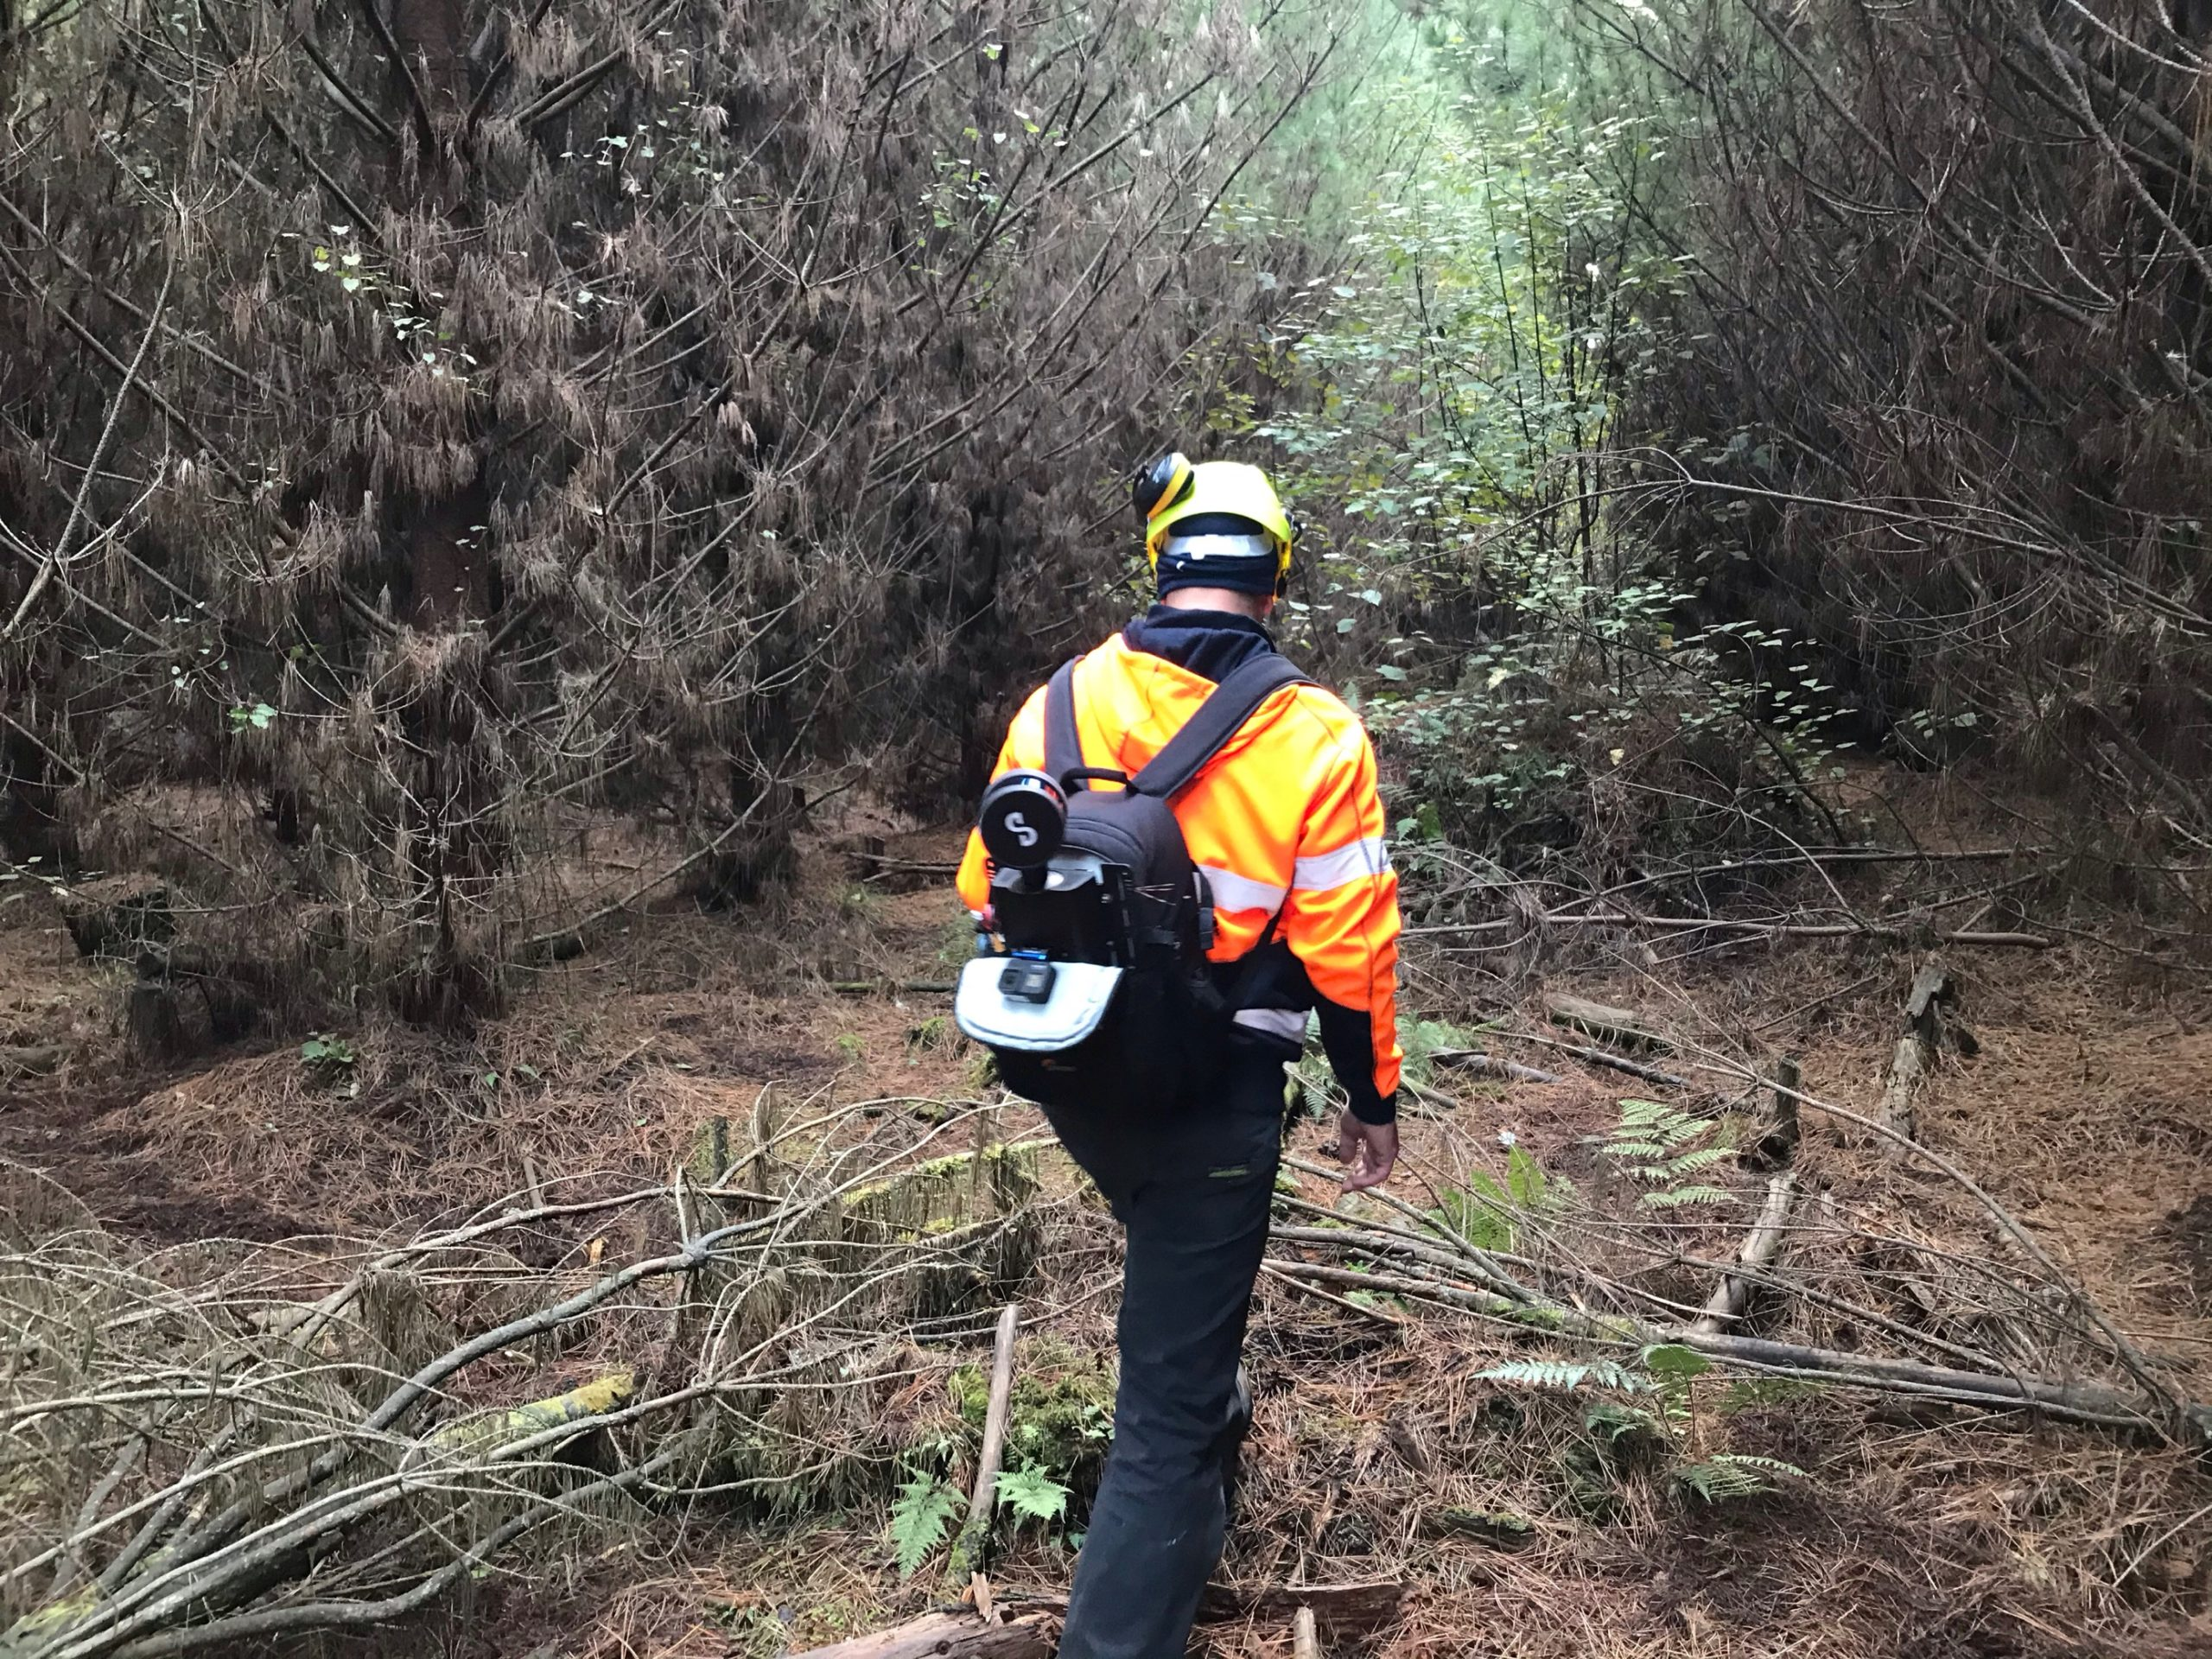 Hovermap Backpack LiDAR Scanner in Use in Forest